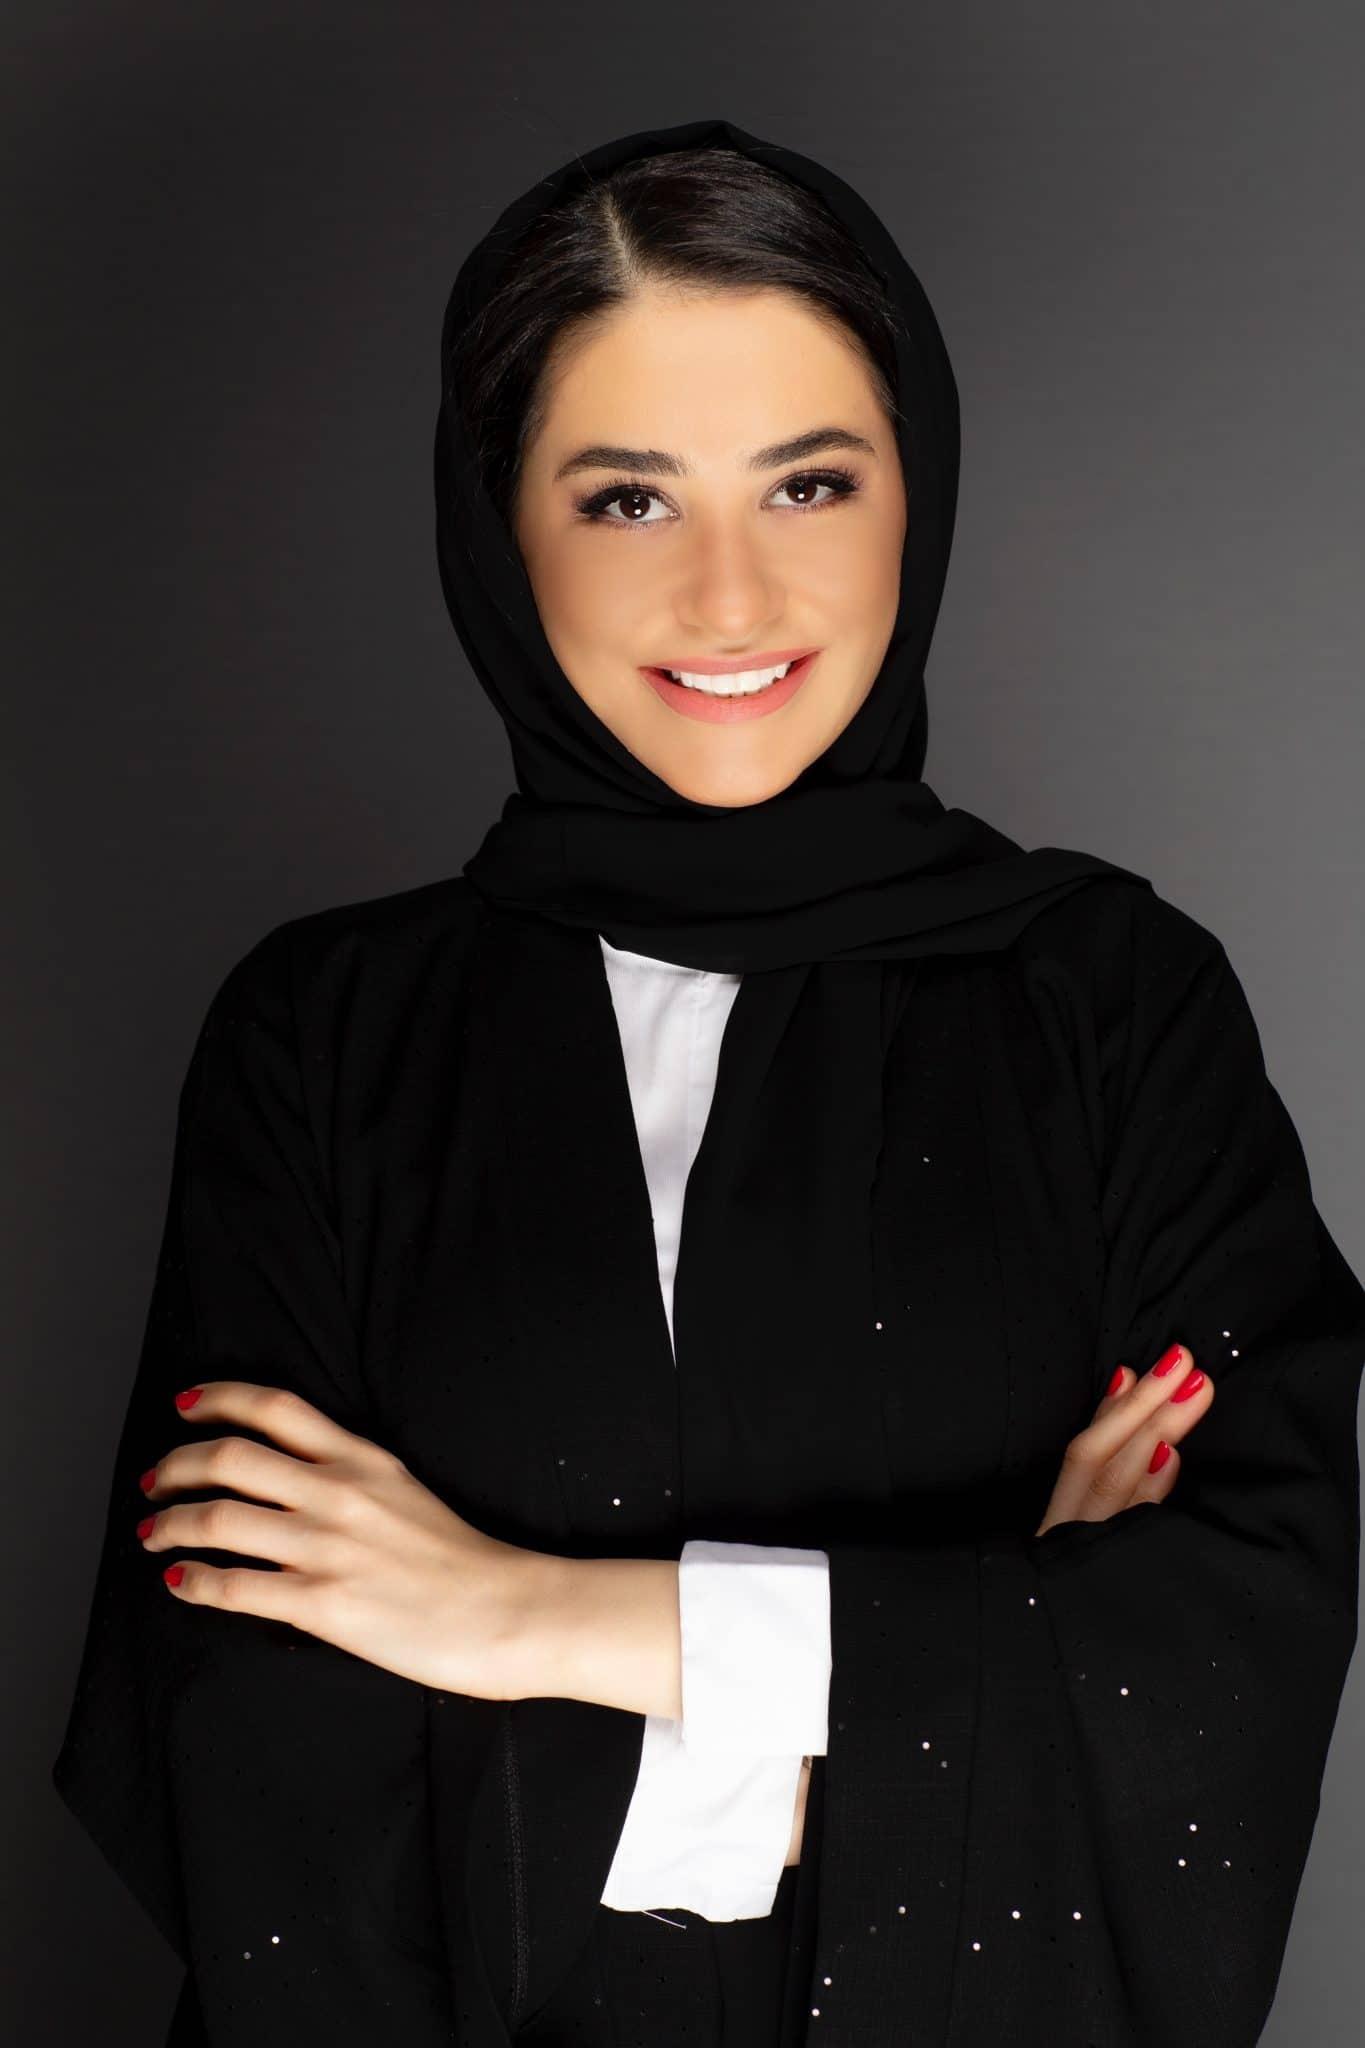 رحلتي من دناتا للسفريات مستشار السفر الأول للمسافر الإماراتي